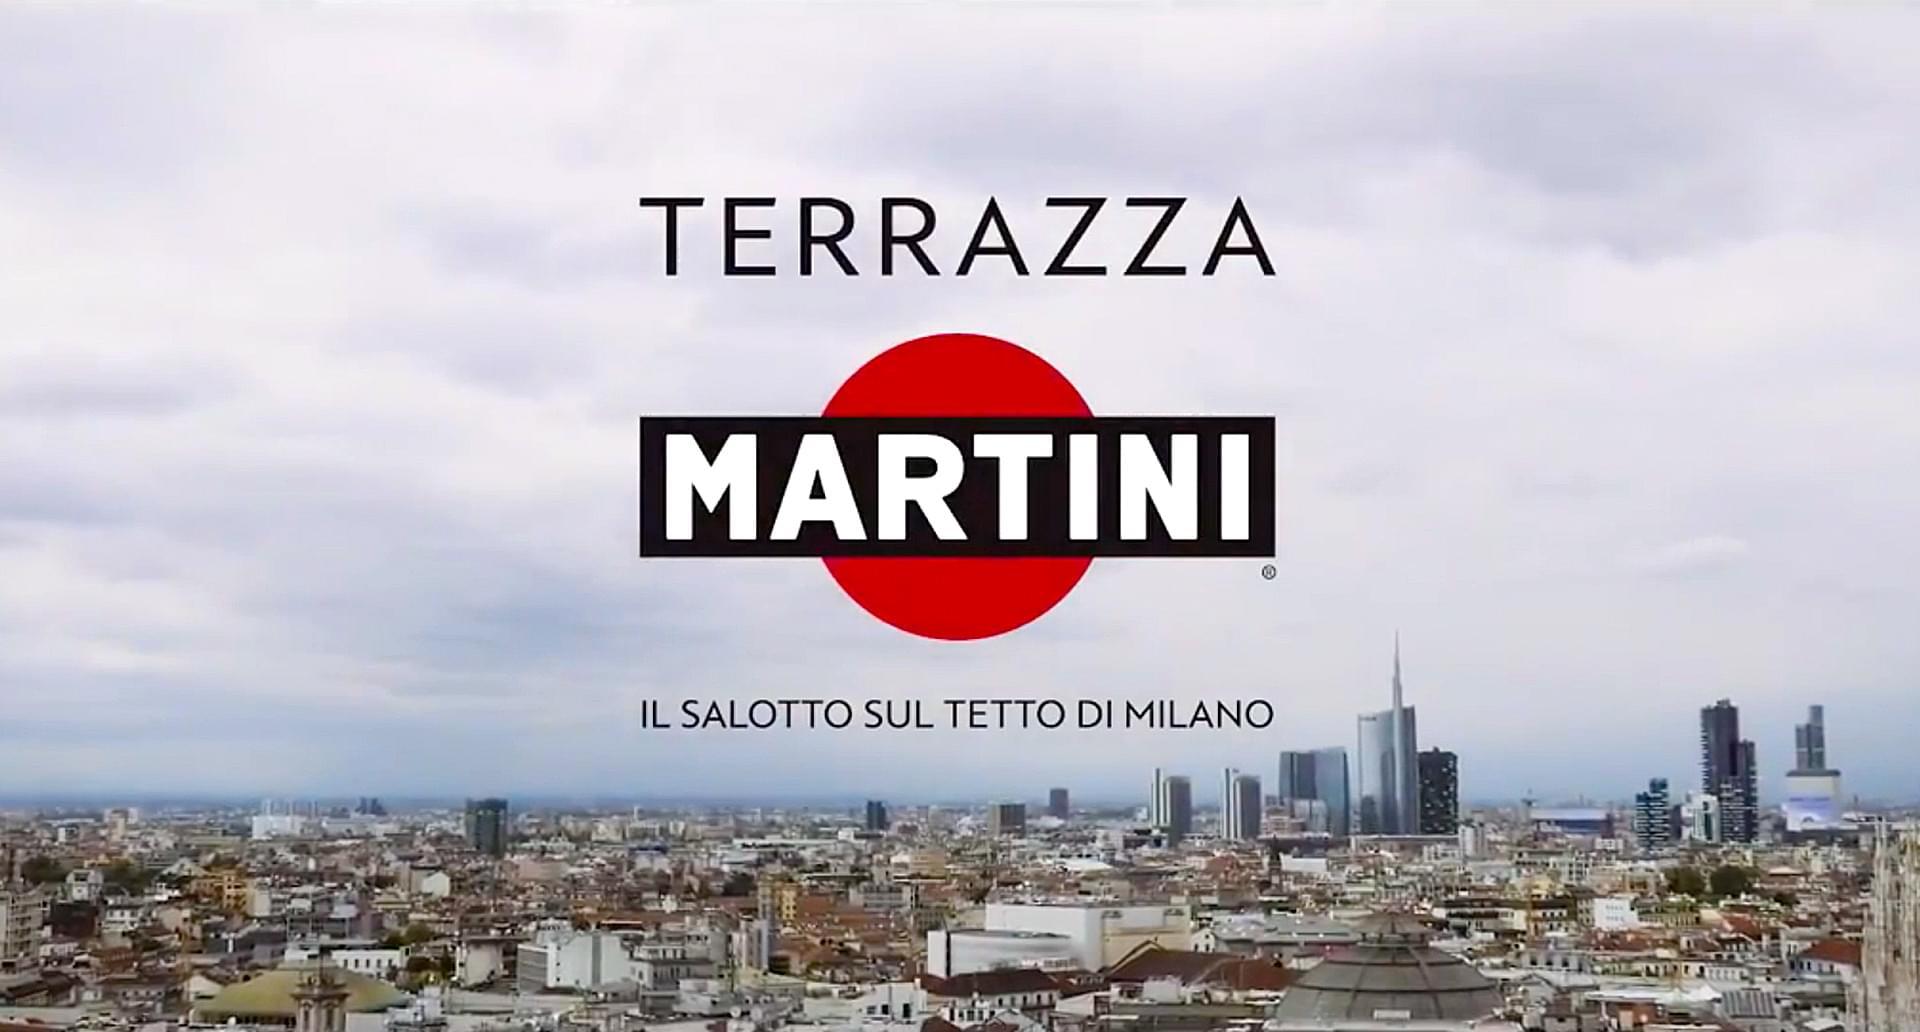 Il video di Terrazza Martini Milano